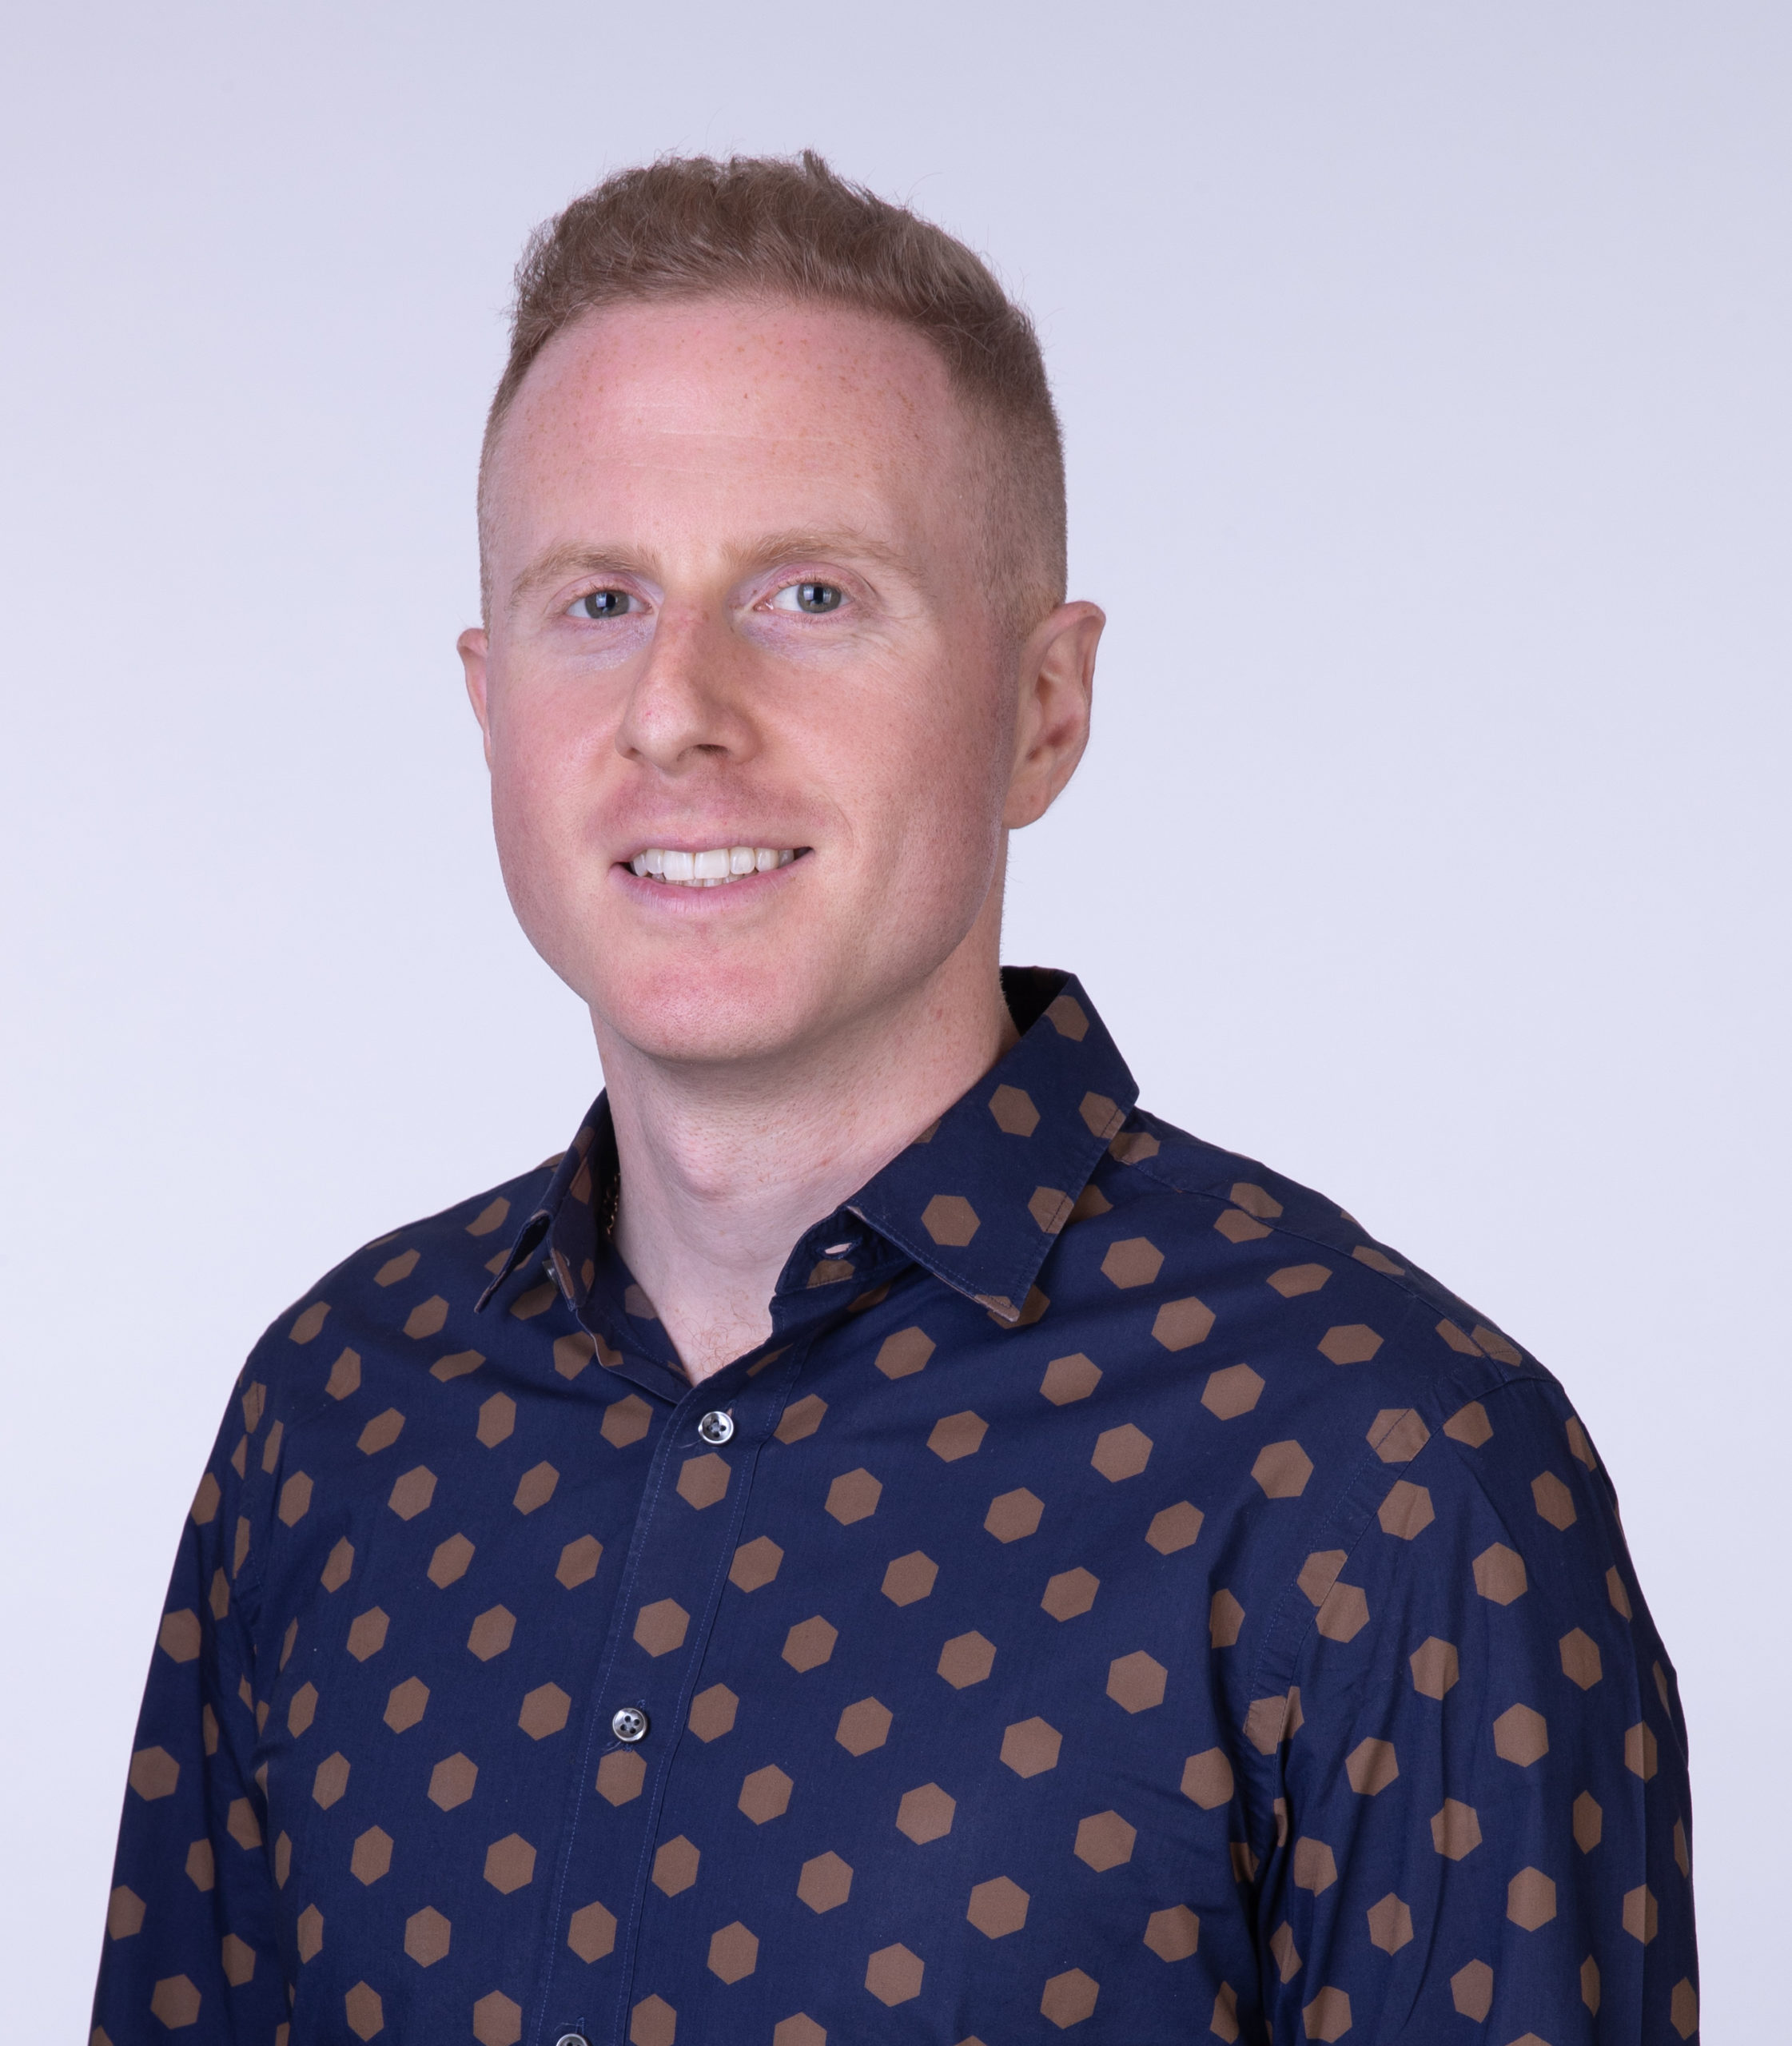 Ryan Krakofsky